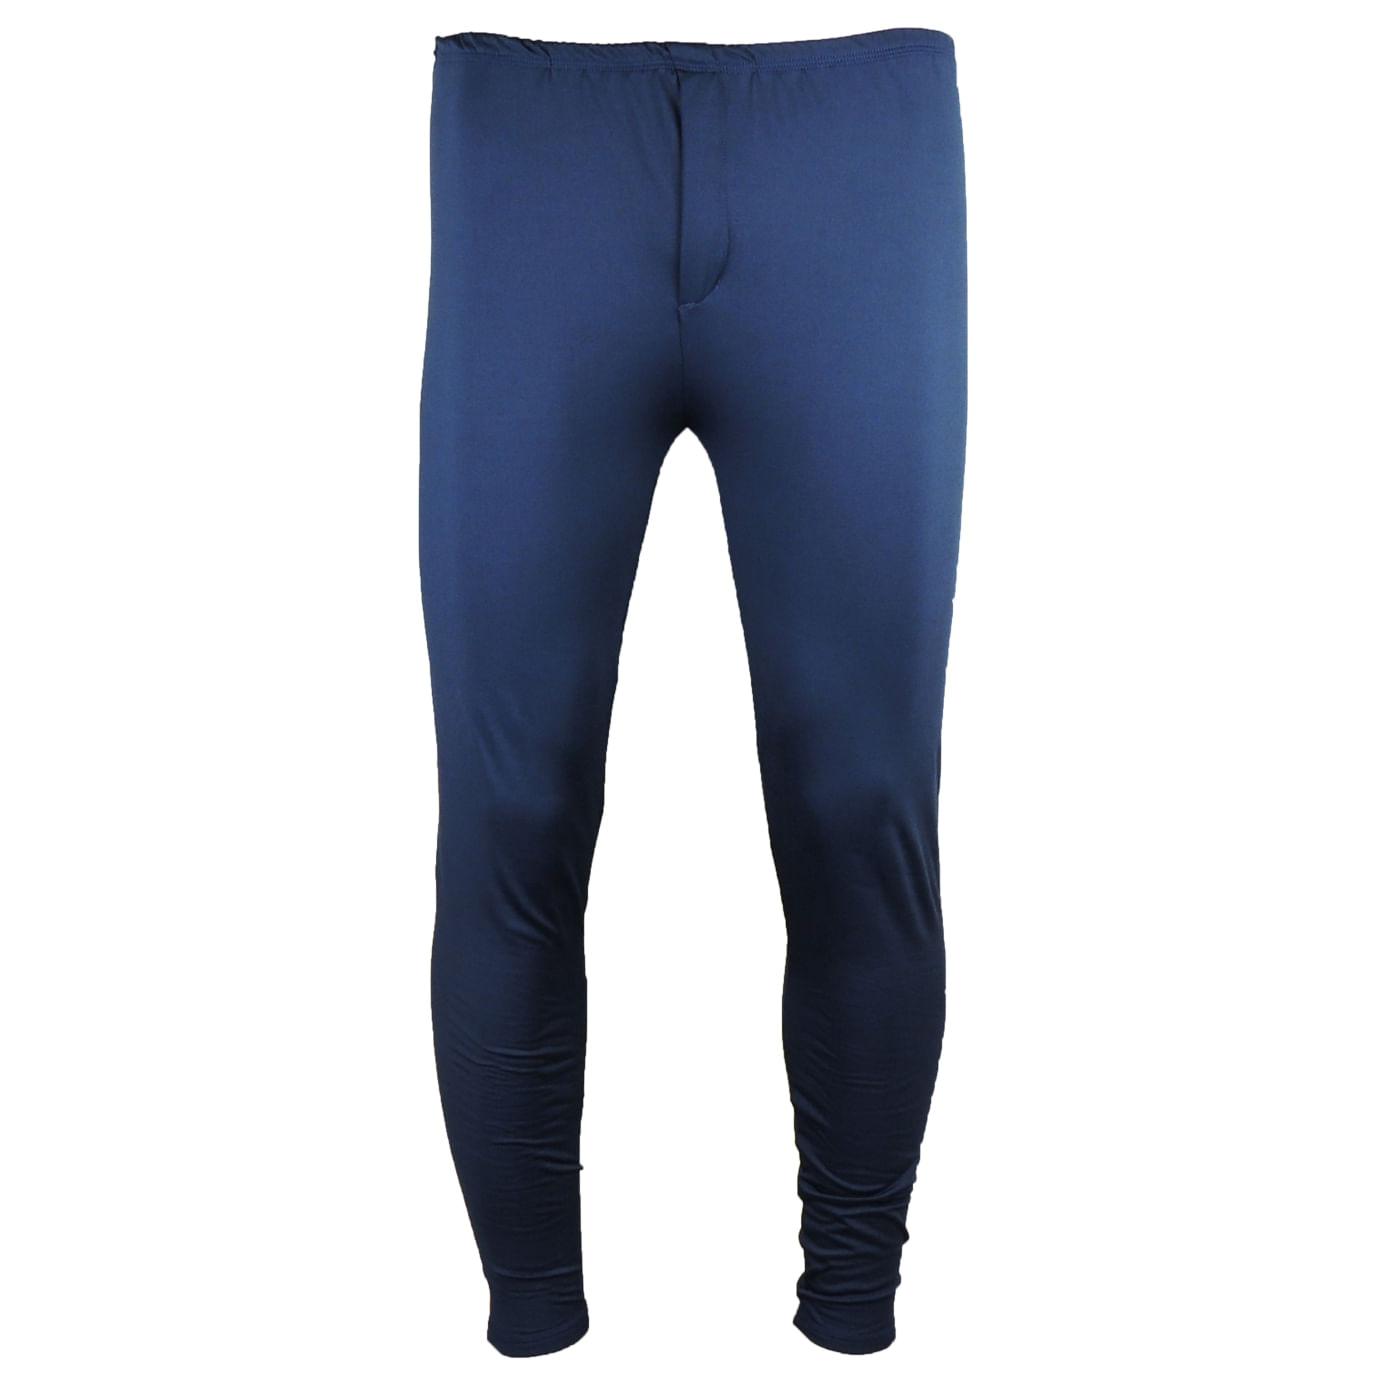 Calça Térmica Masculina Segunda pele azul marinho para o inverno - fieroshop 967c00d06f4cb